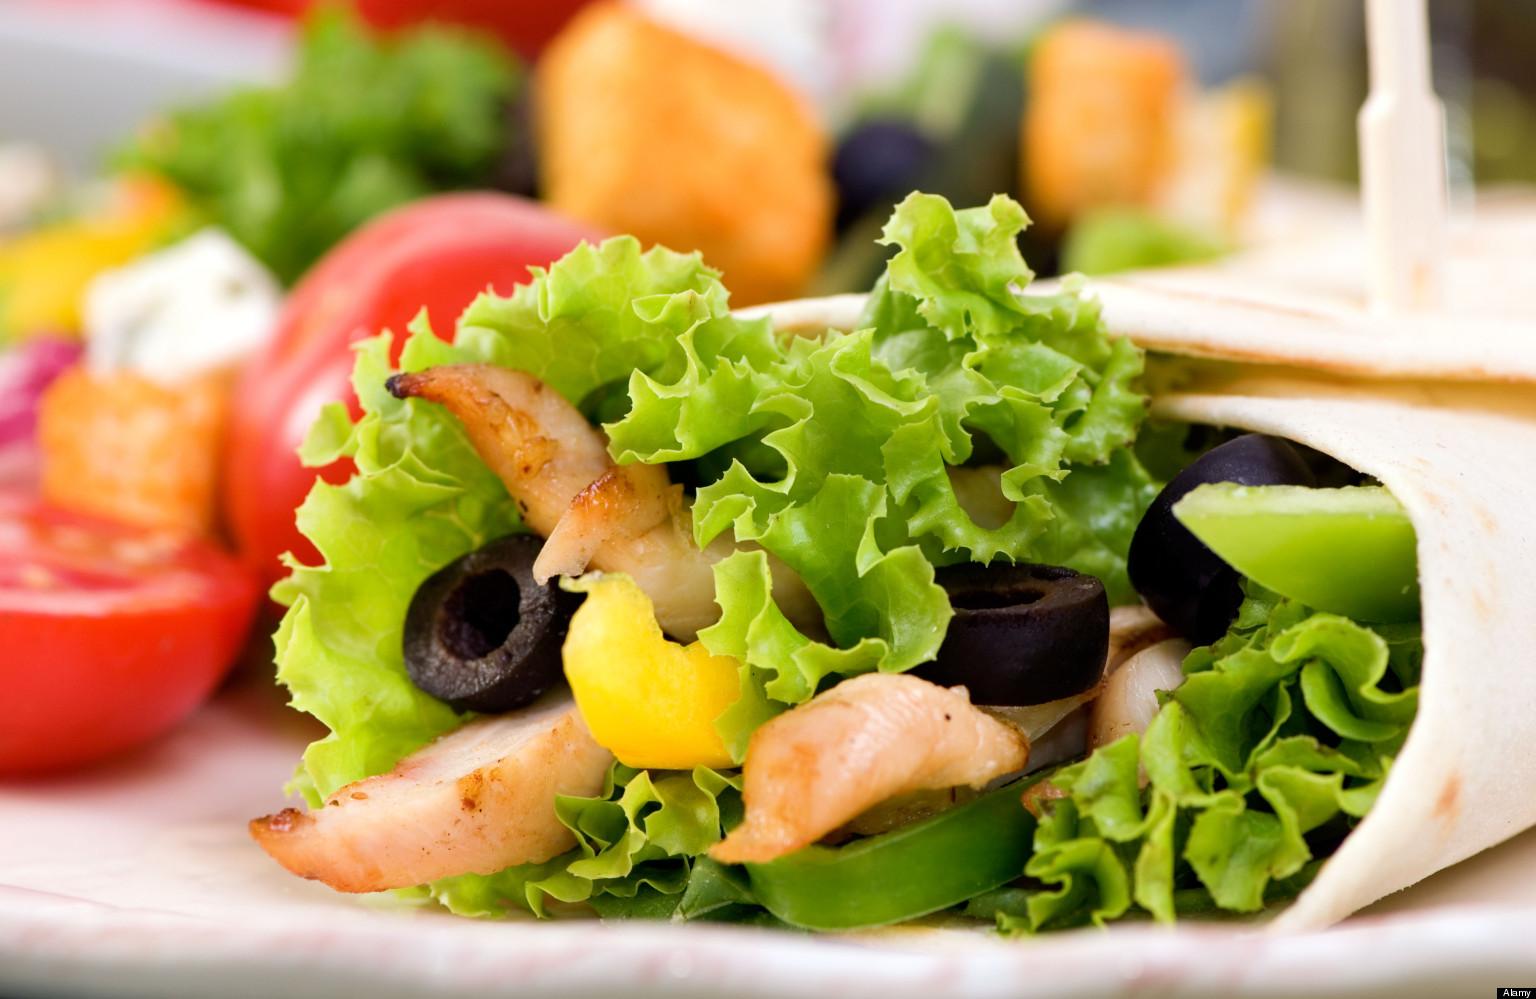 Most Unhealthy Food Recipes